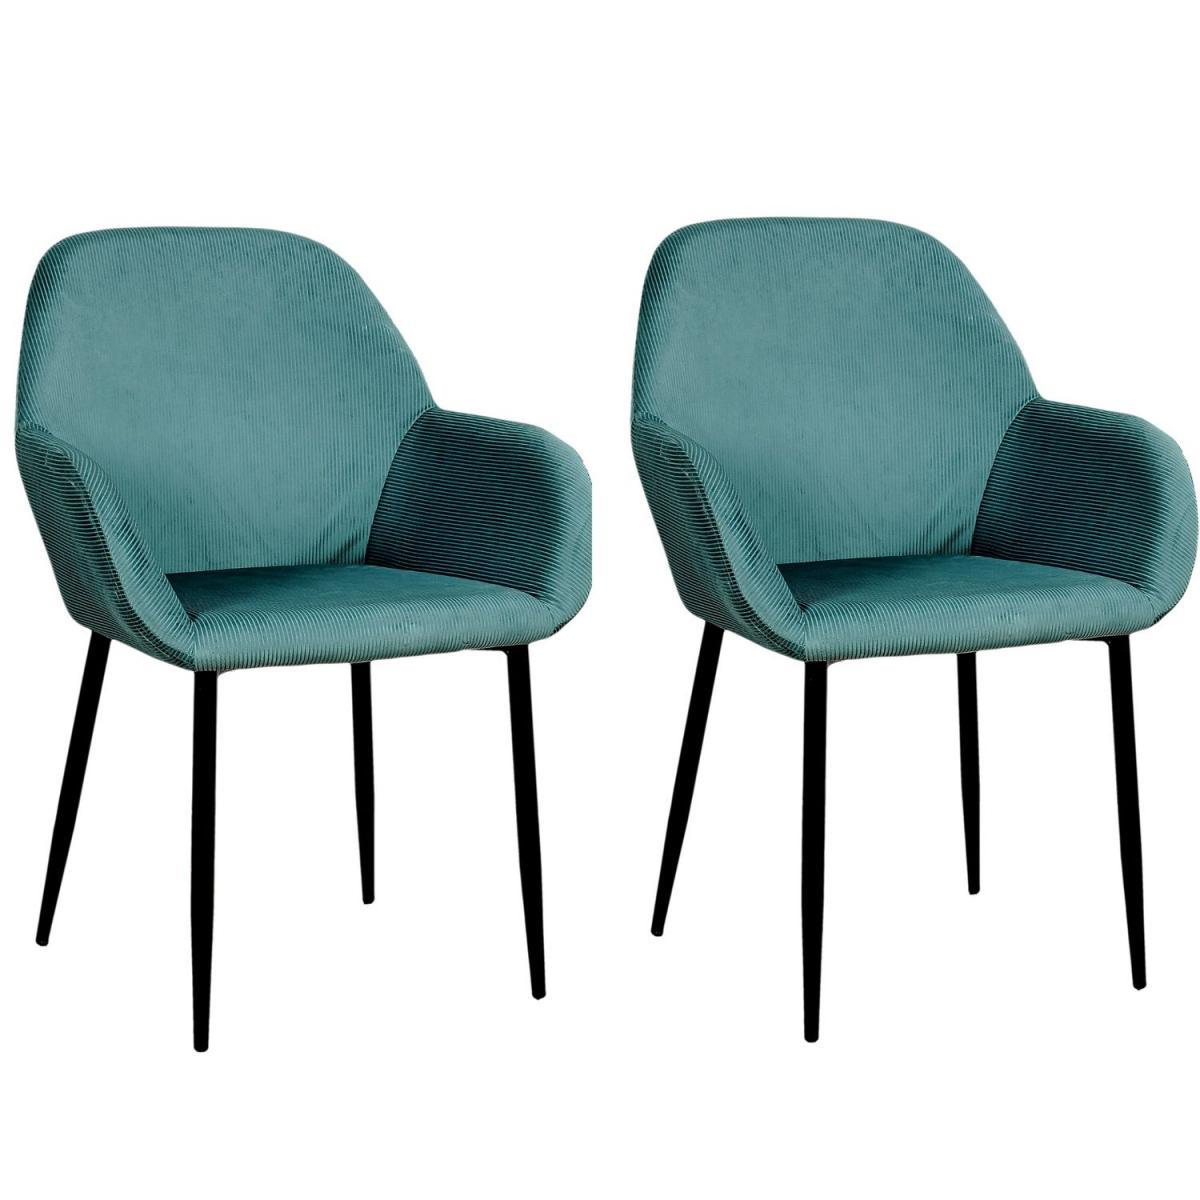 The Home Deco Factory 2 Fauteuils de table design velours Giulia - Bleu canard